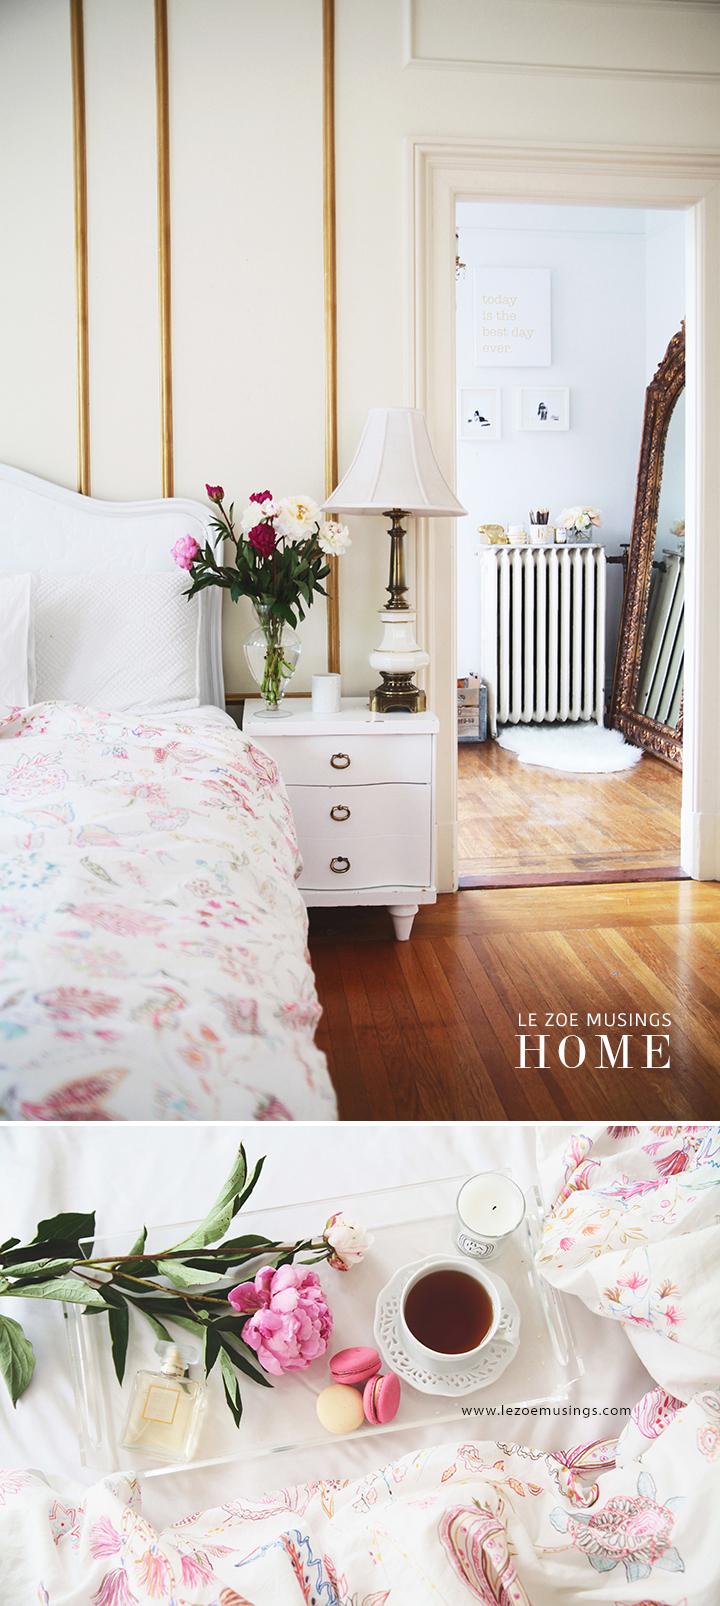 My Whimsical Bedroom4 by Le Zoe Musings